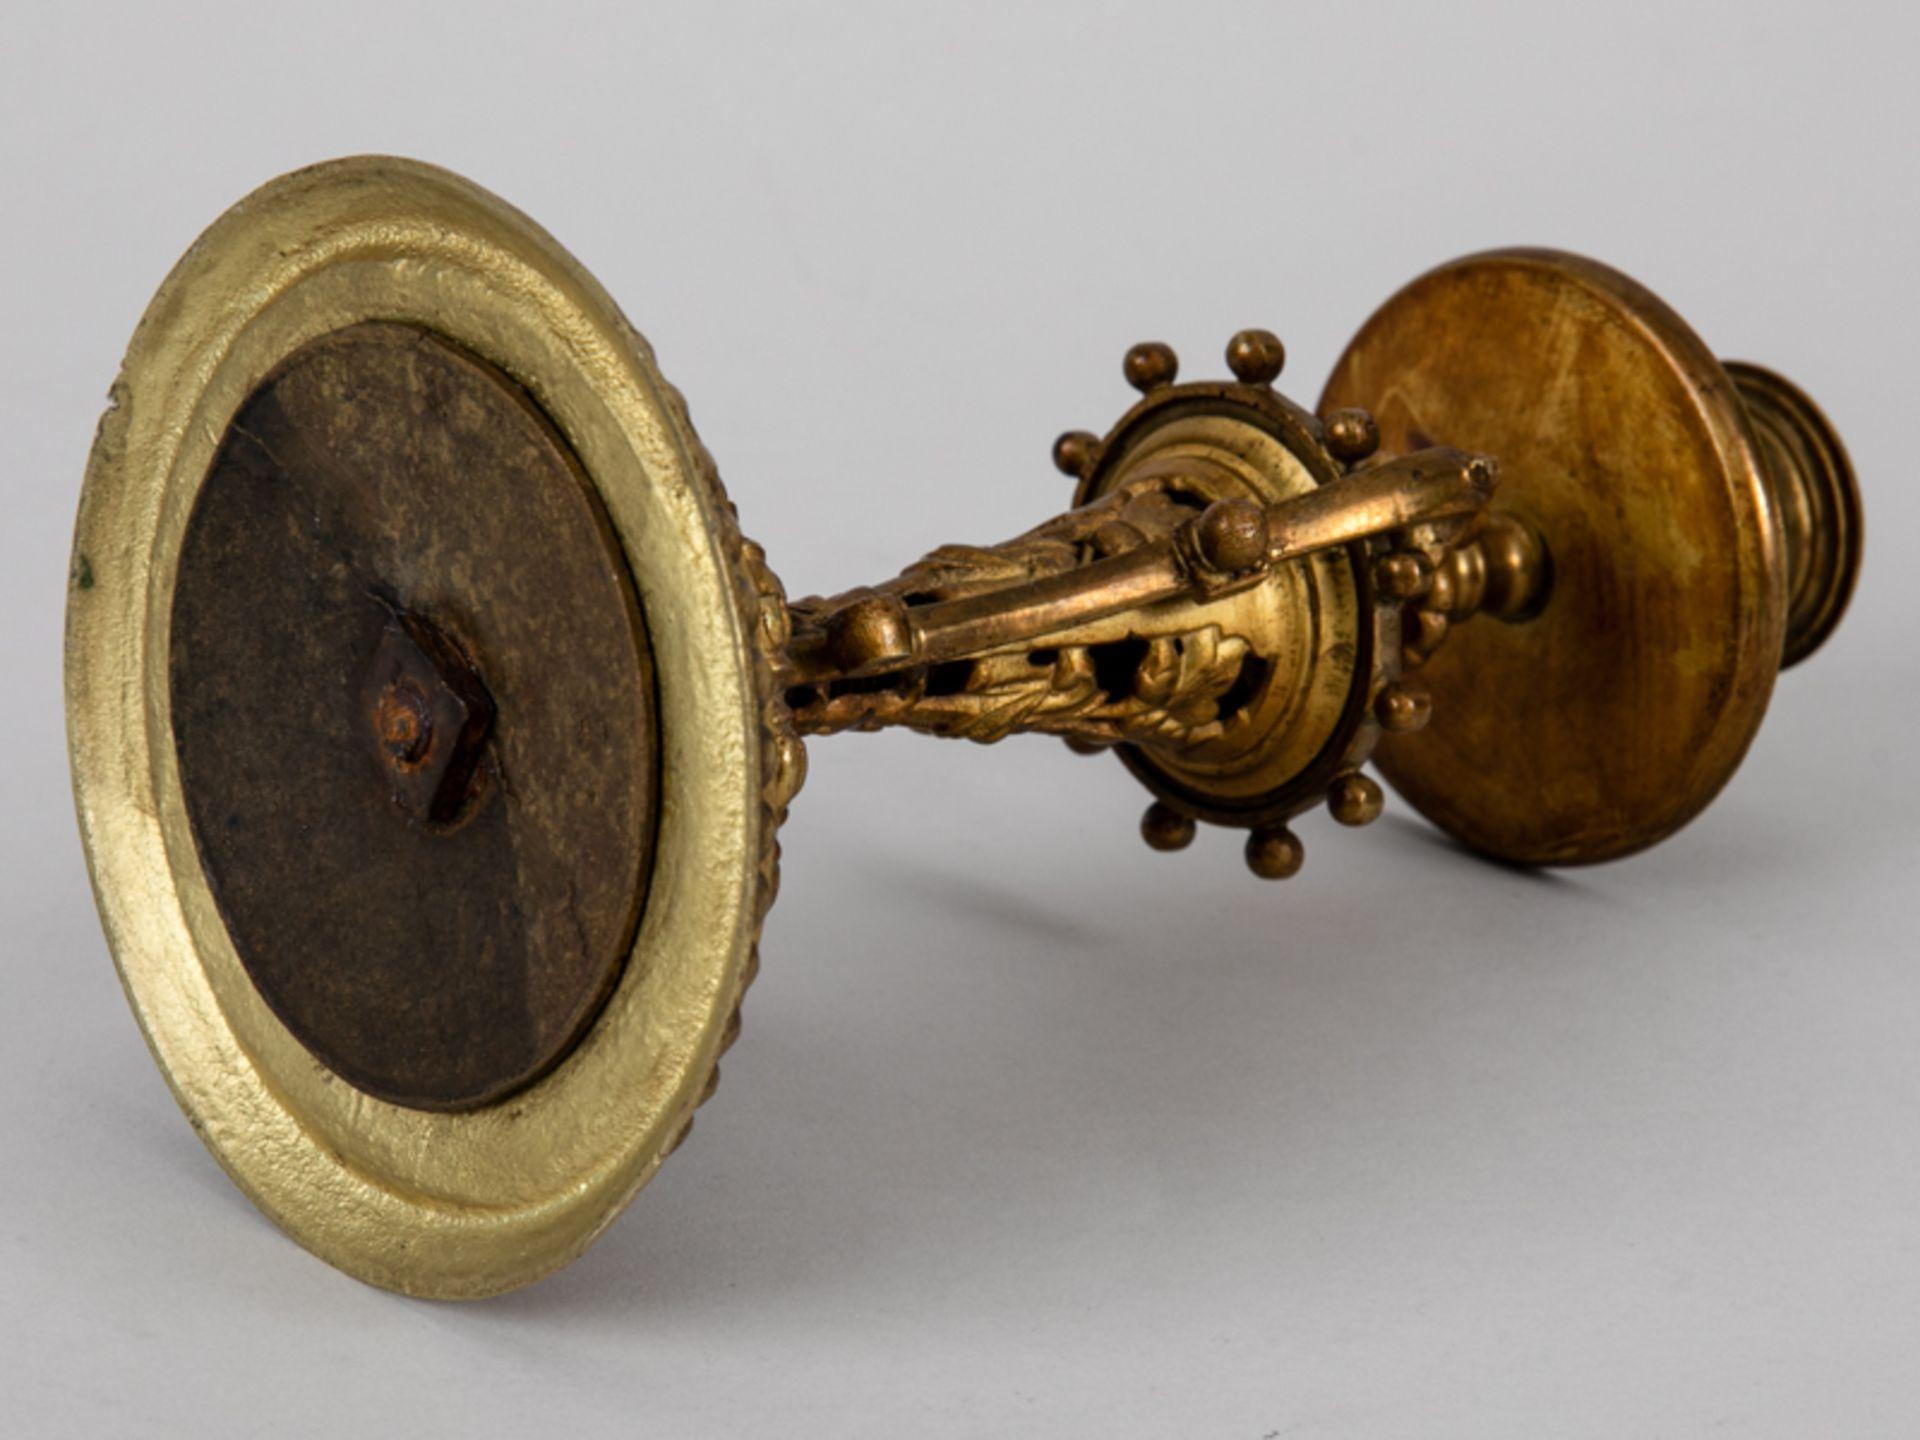 Neo-Renaissance-Einzelleuchter mit Griff, Ende 19. Jh. Zinkguss, vergoldet; mehrgliedrig versch - Bild 4 aus 7